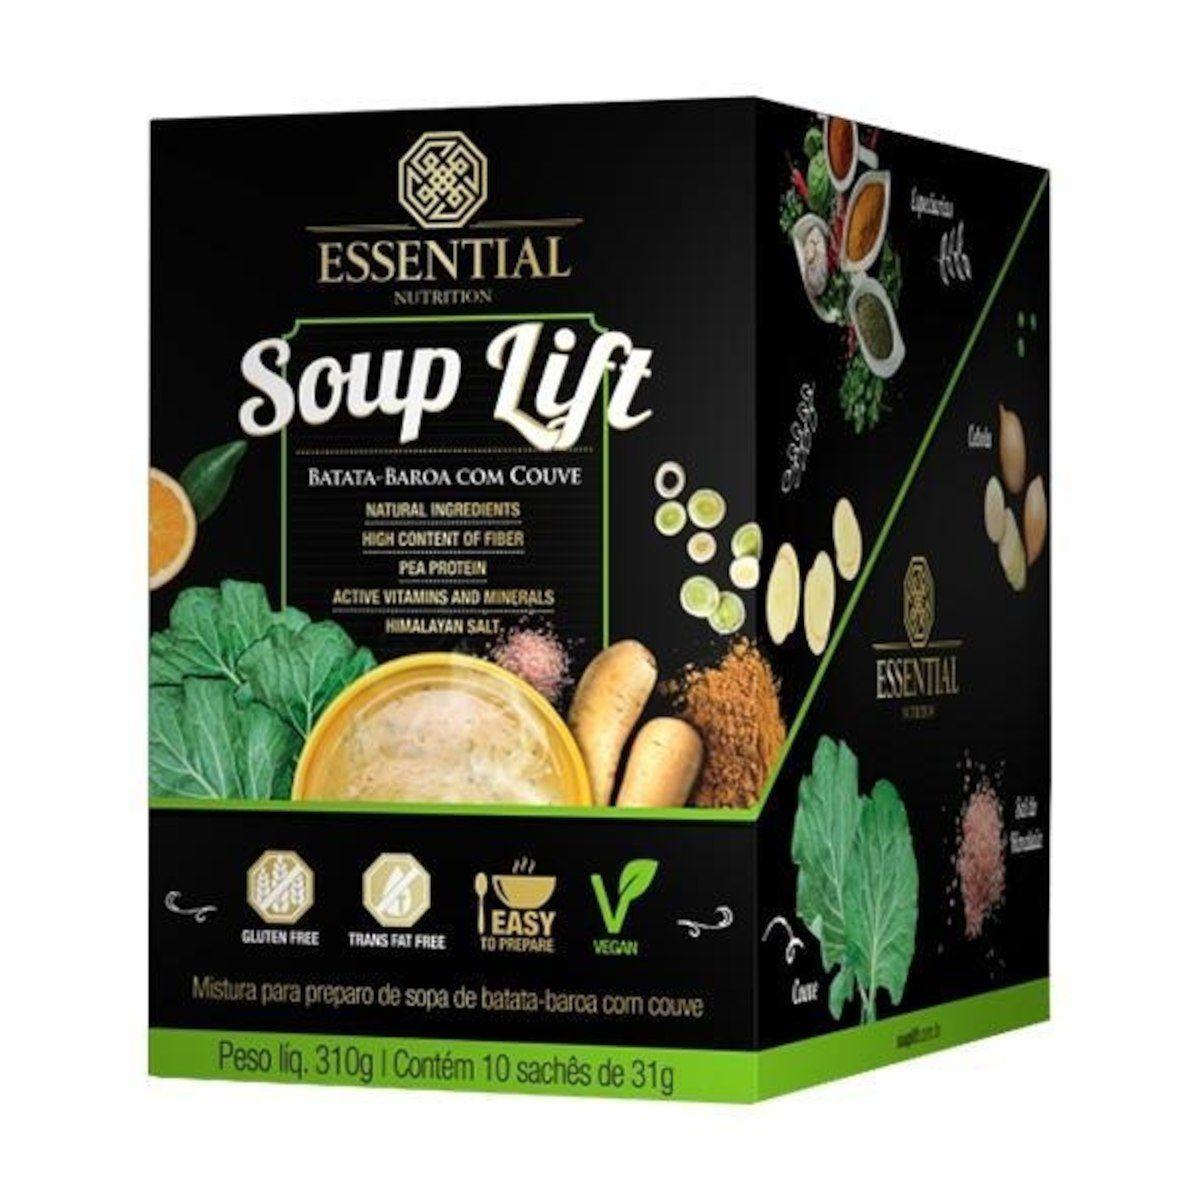 Soup Lift Caixa Com 10 Sachês de 31G Batata-Baroa Com Couve  - KFit Nutrition